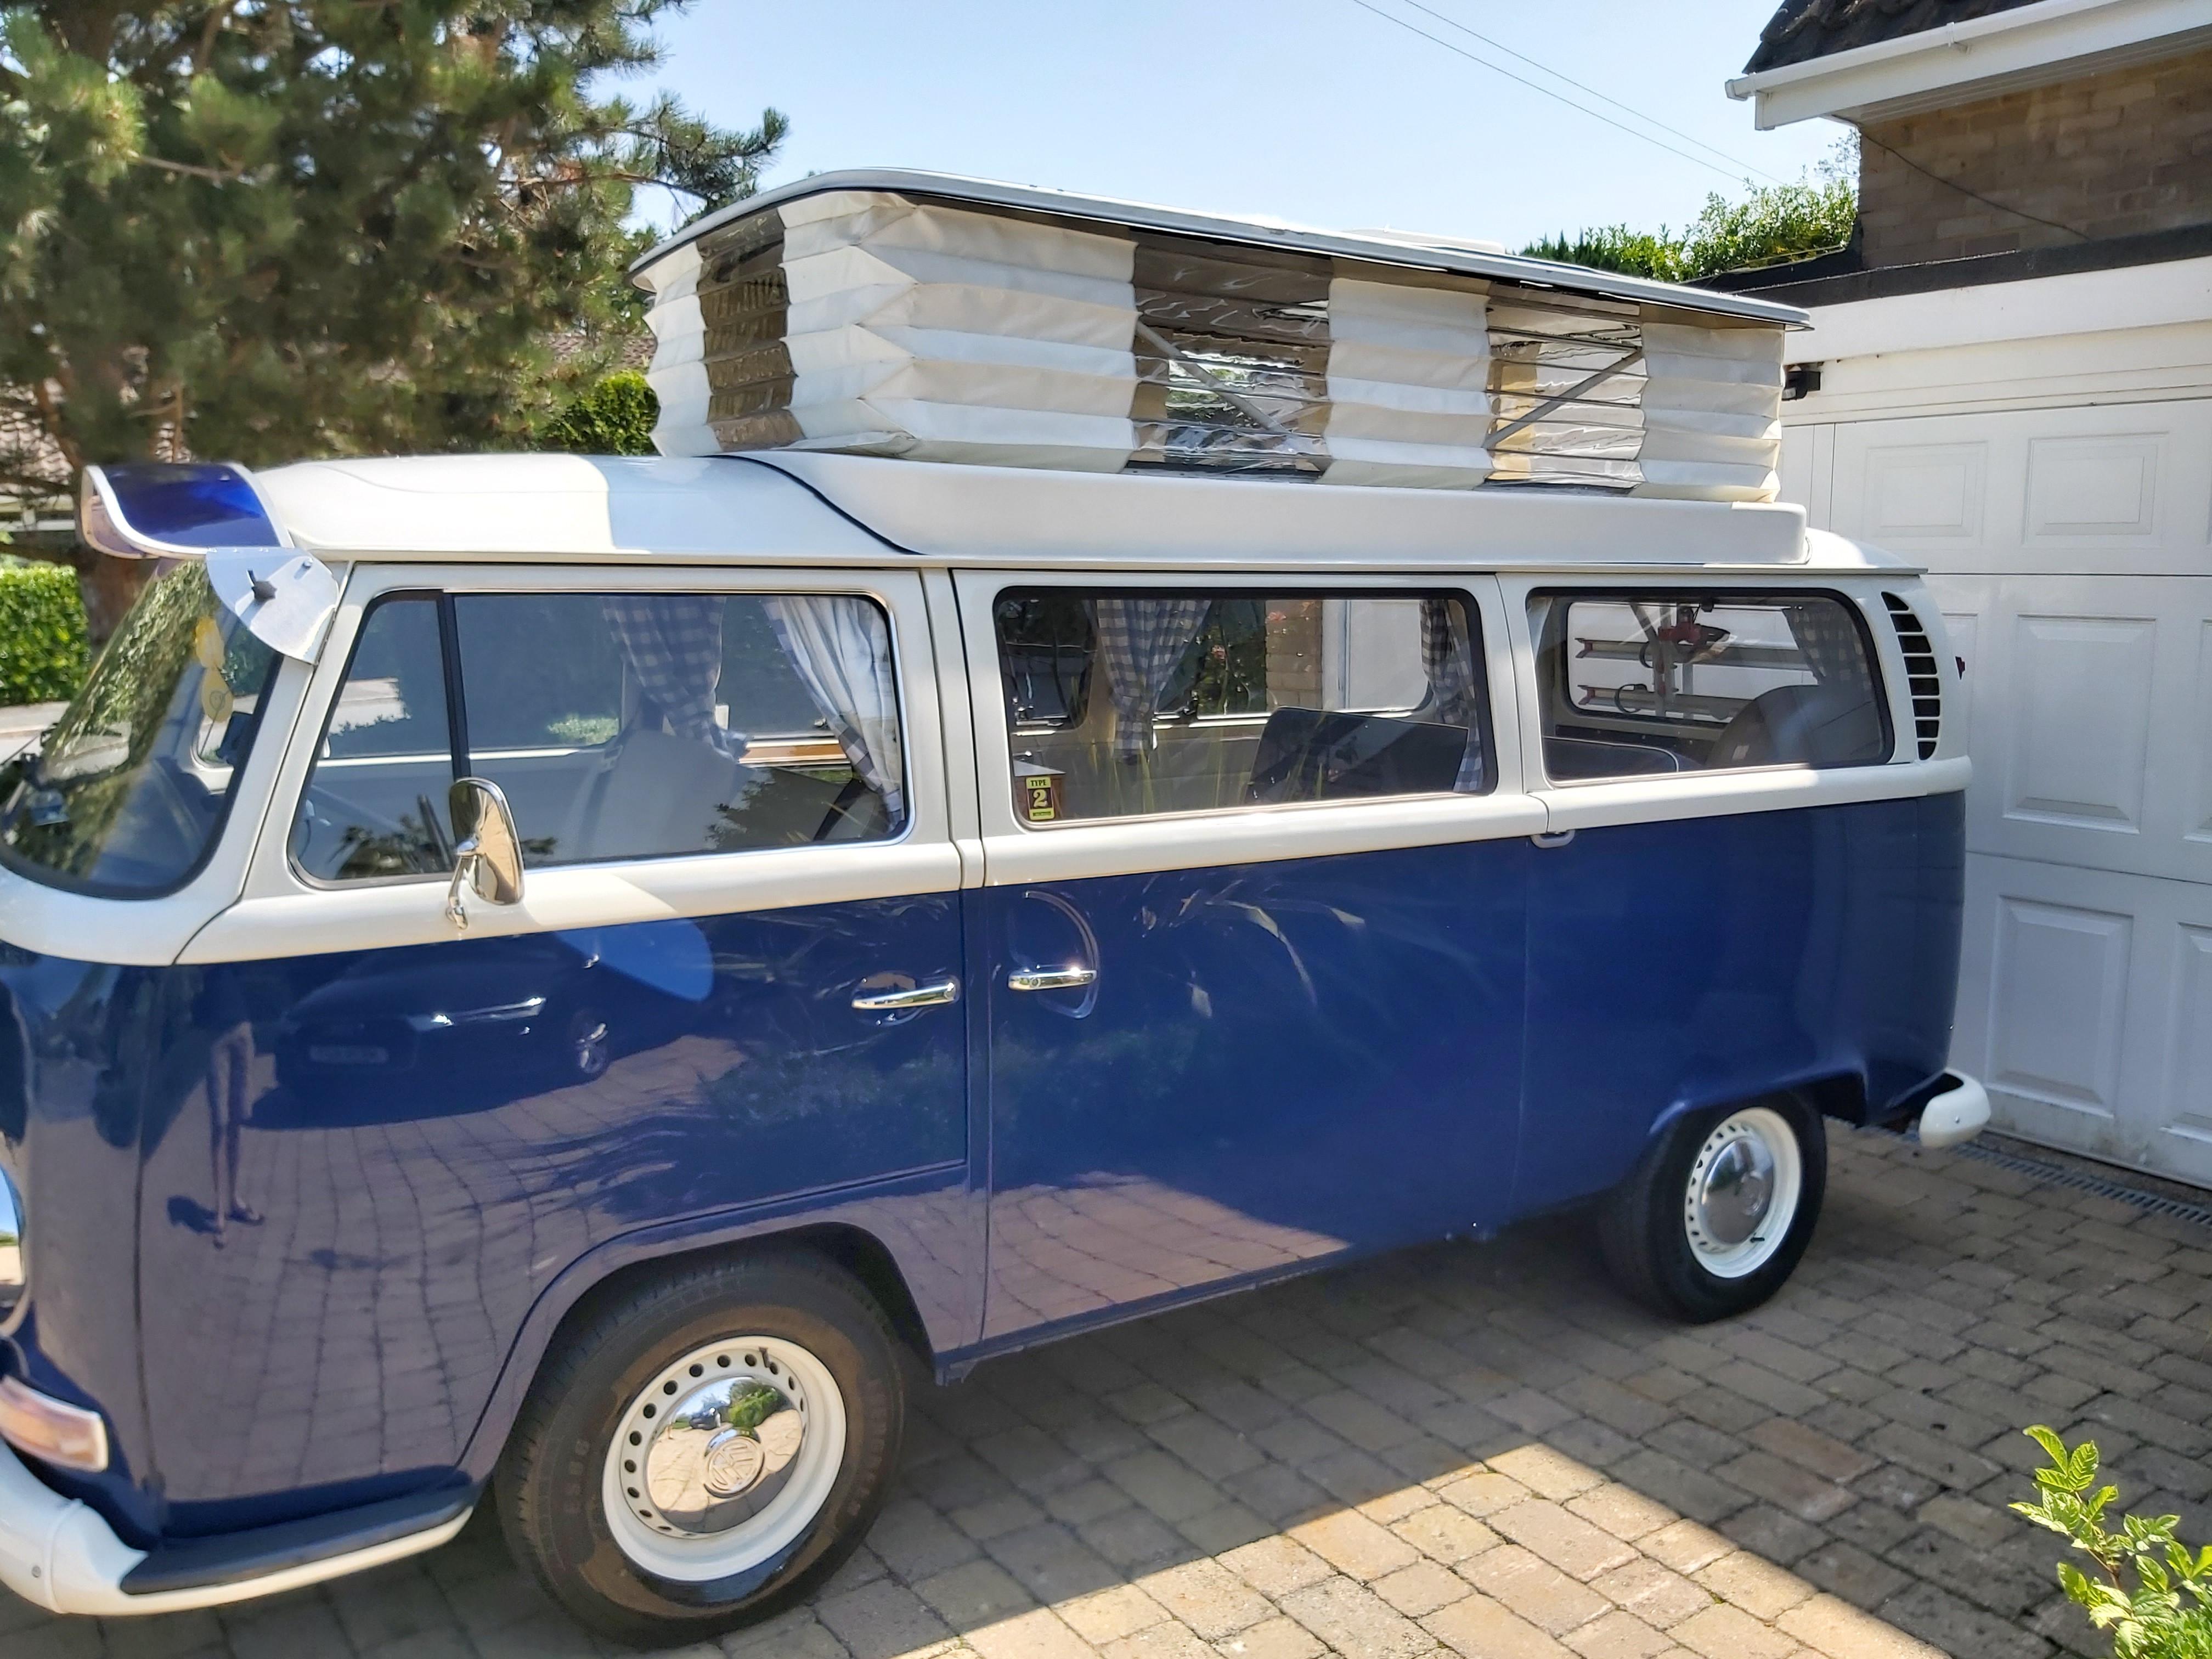 Volkswagen Devon Sunlander Camper T2 Bay Window 4 Berth Hire United Kingdom